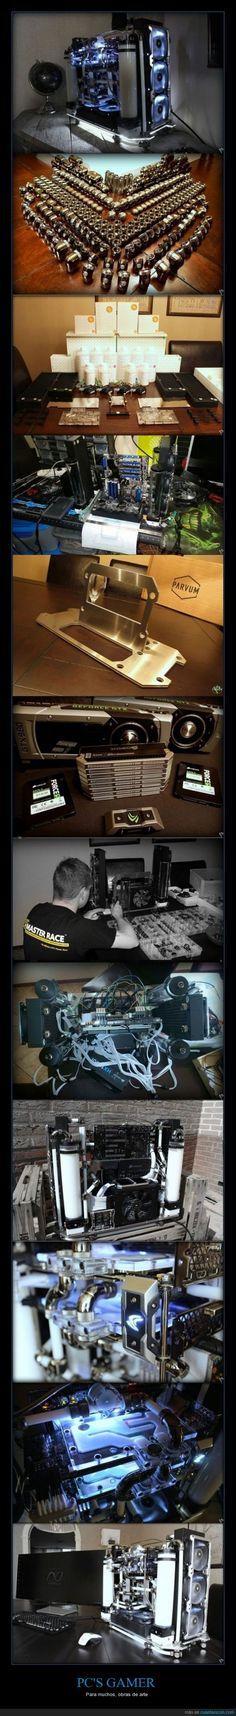 PC'S GAMER - Para muchos, obras de arte   Gracias a http://www.cuantarazon.com/   Si quieres leer la noticia completa visita: http://www.estoy-aburrido.com/pcs-gamer-para-muchos-obras-de-arte/